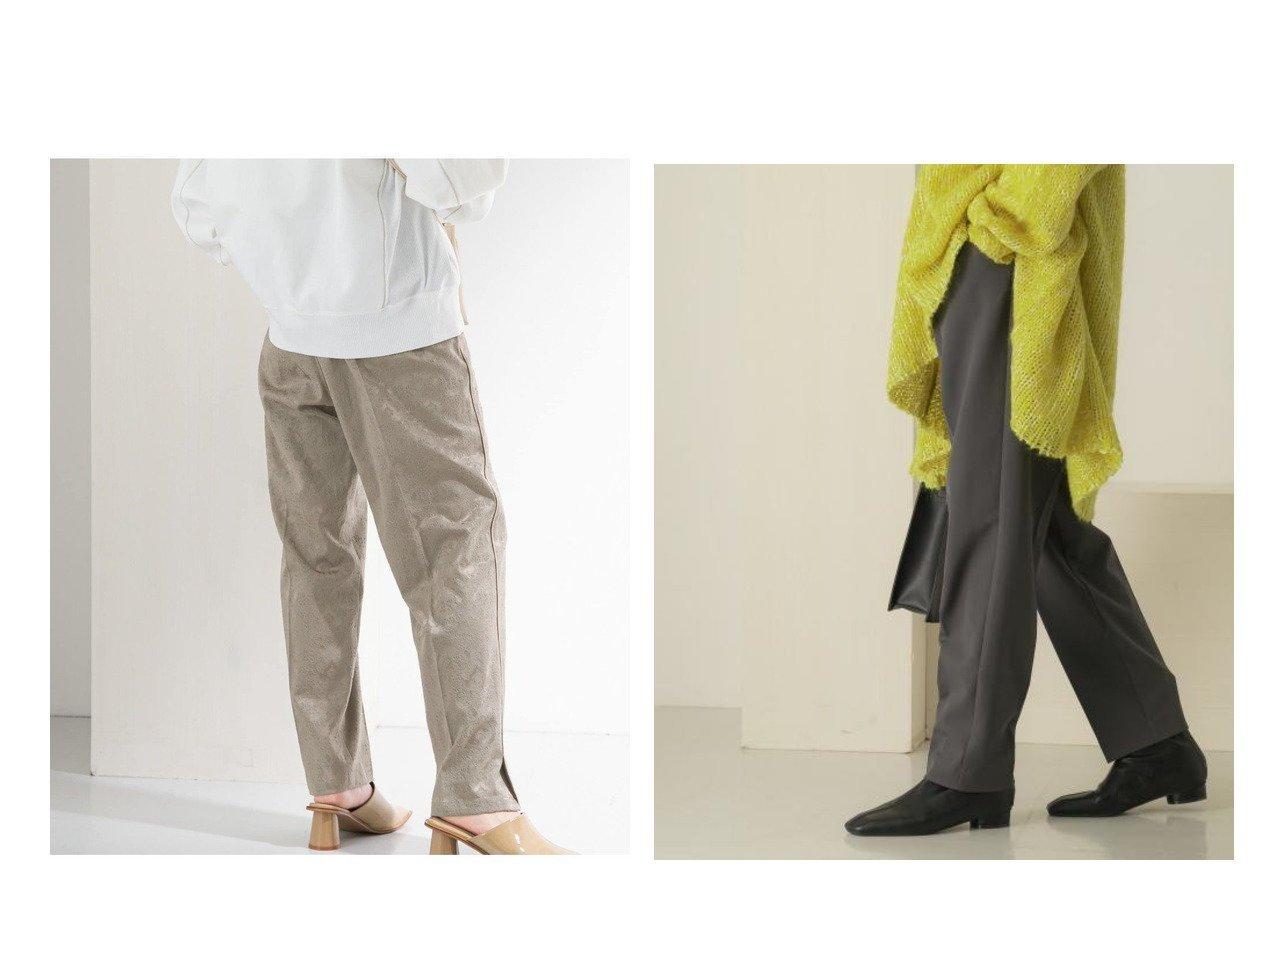 【KBF / URBAN RESEARCH/ケービーエフ】のilli ワンタックスリムテーパードパンツ&ジャガードパンツ パンツのおすすめ!人気、トレンド・レディースファッションの通販 おすすめで人気の流行・トレンド、ファッションの通販商品 メンズファッション・キッズファッション・インテリア・家具・レディースファッション・服の通販 founy(ファニー) https://founy.com/ ファッション Fashion レディースファッション WOMEN パンツ Pants NEW・新作・新着・新入荷 New Arrivals おすすめ Recommend シンプル ジーンズ スウェット セットアップ センター ベーシック ポケット ロング スタンダード ストレッチ チュニック 定番 Standard 人気 A/W 秋冬 AW Autumn/Winter / FW Fall-Winter |ID:crp329100000022372